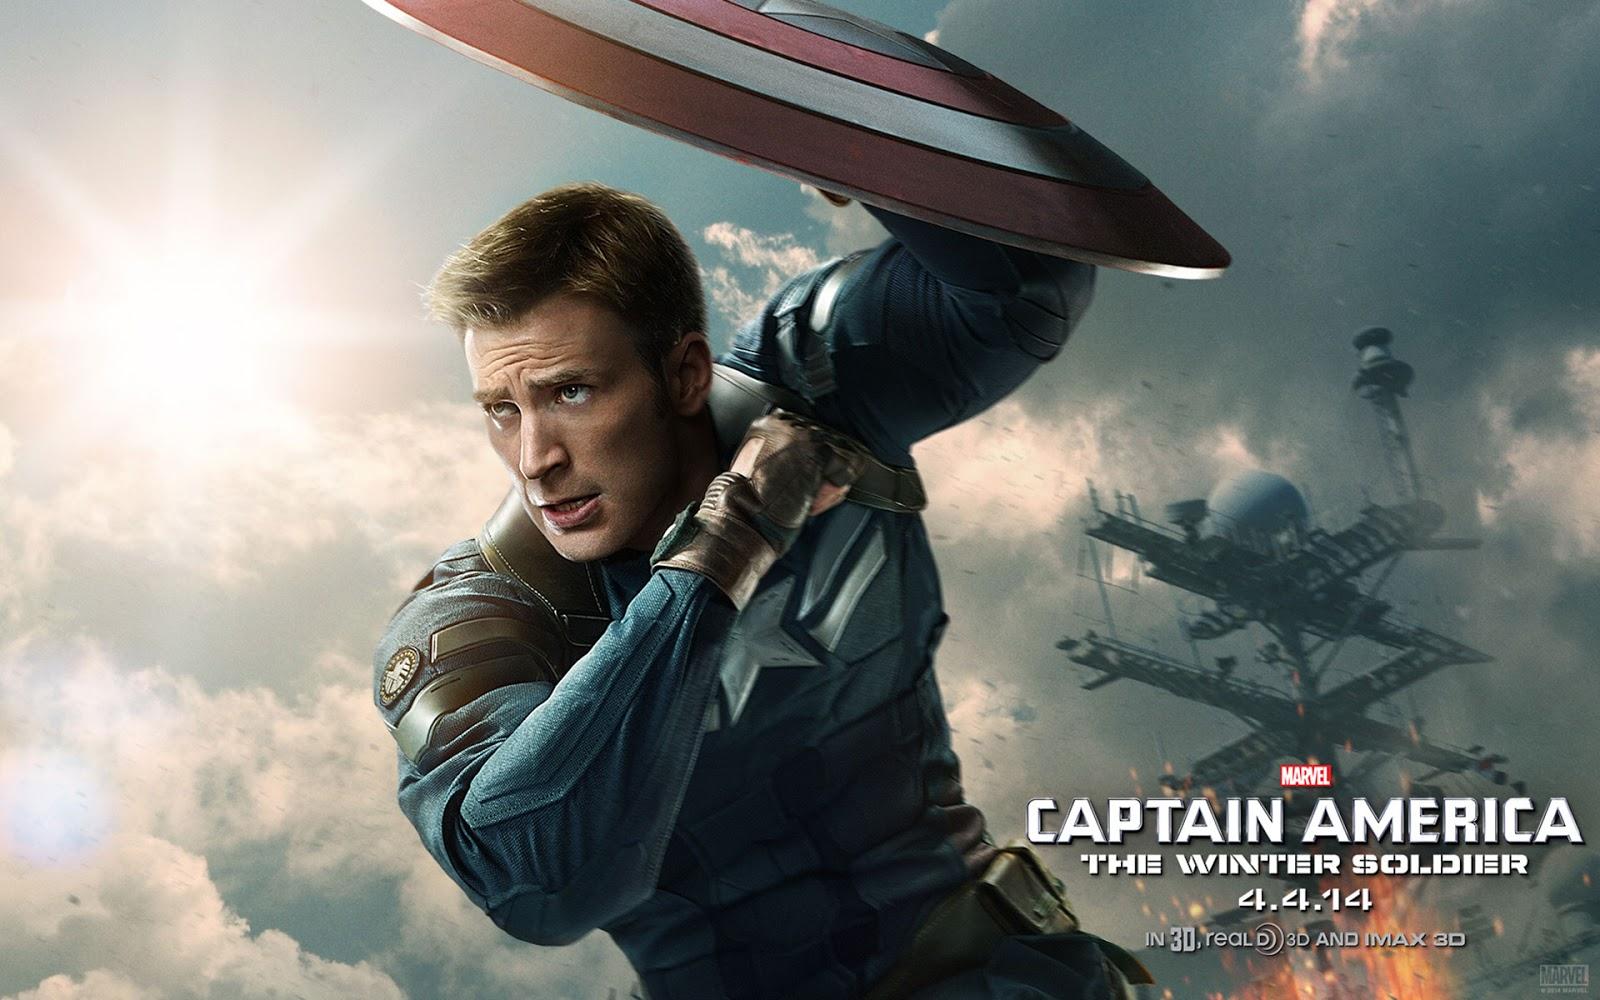 Captain America Movie Wallpaper HD